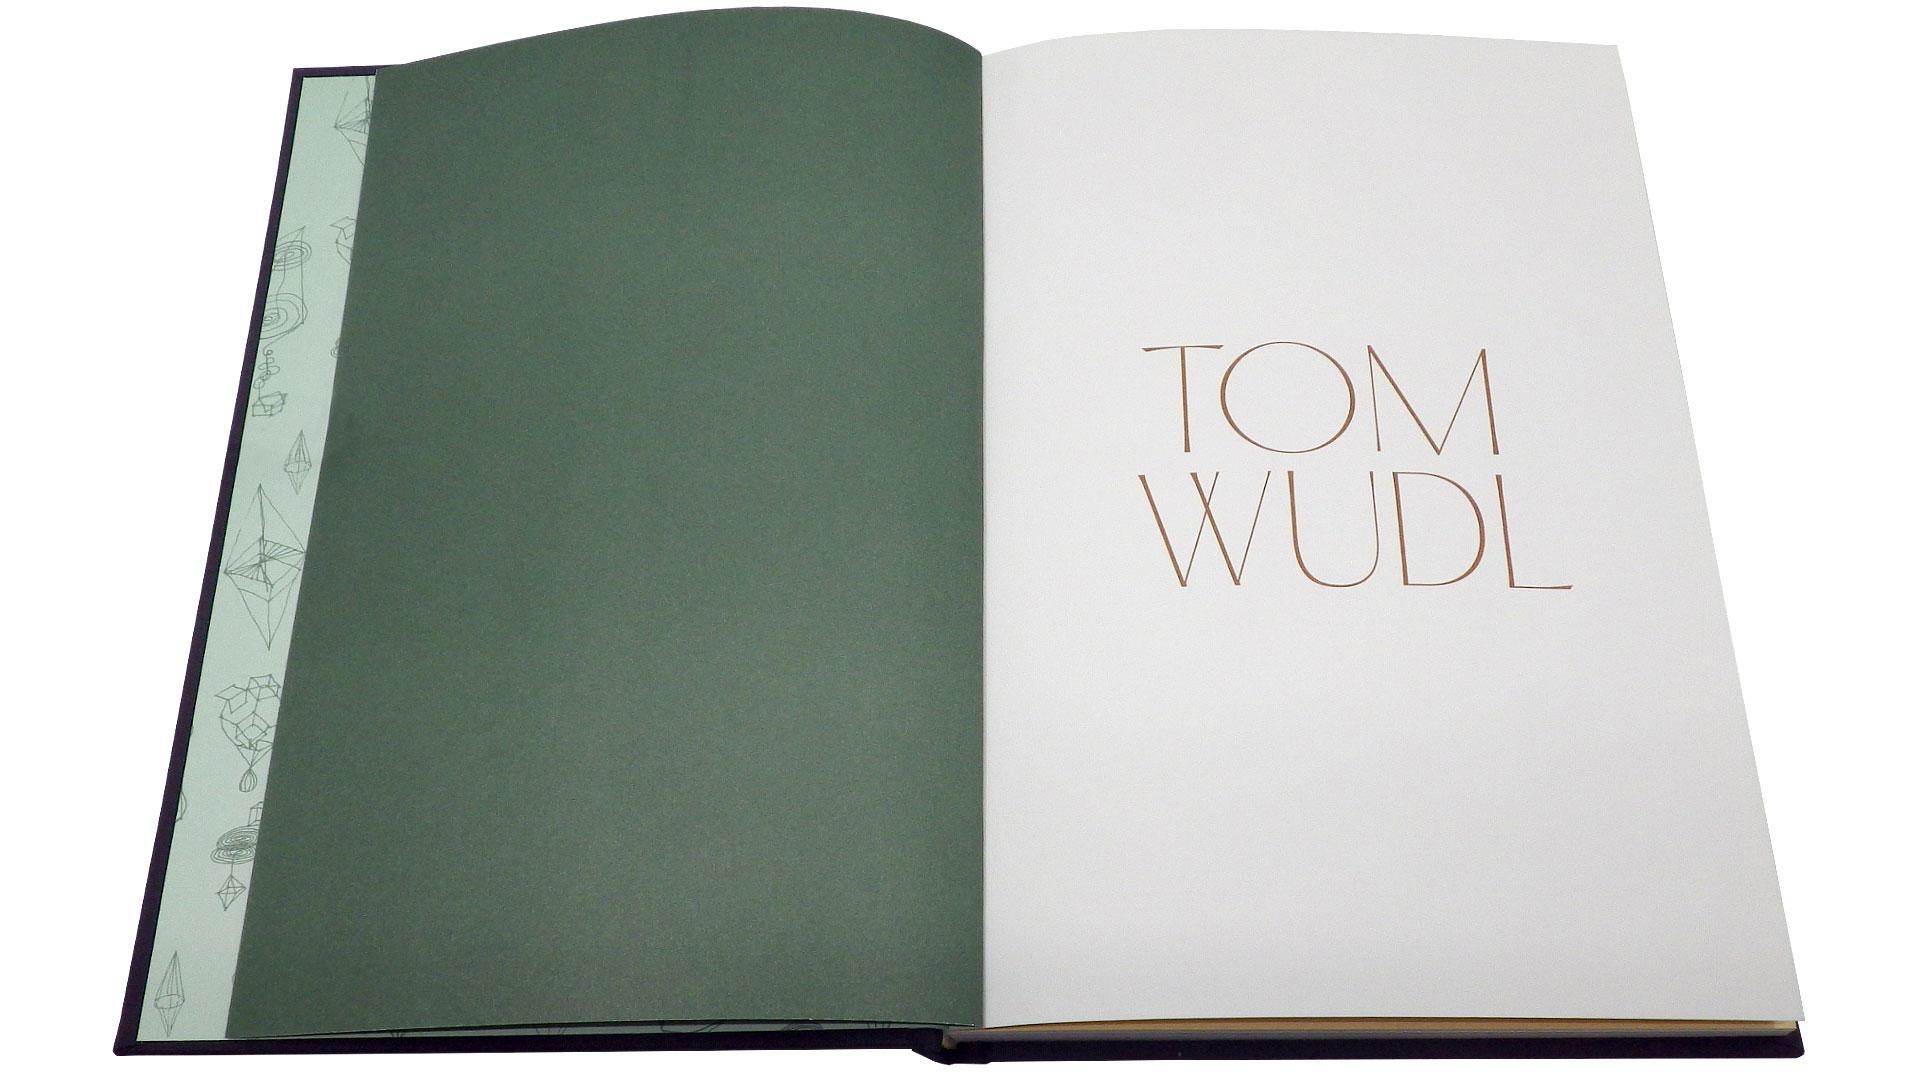 tom-wudl-single-spreads-2@2x.jpg